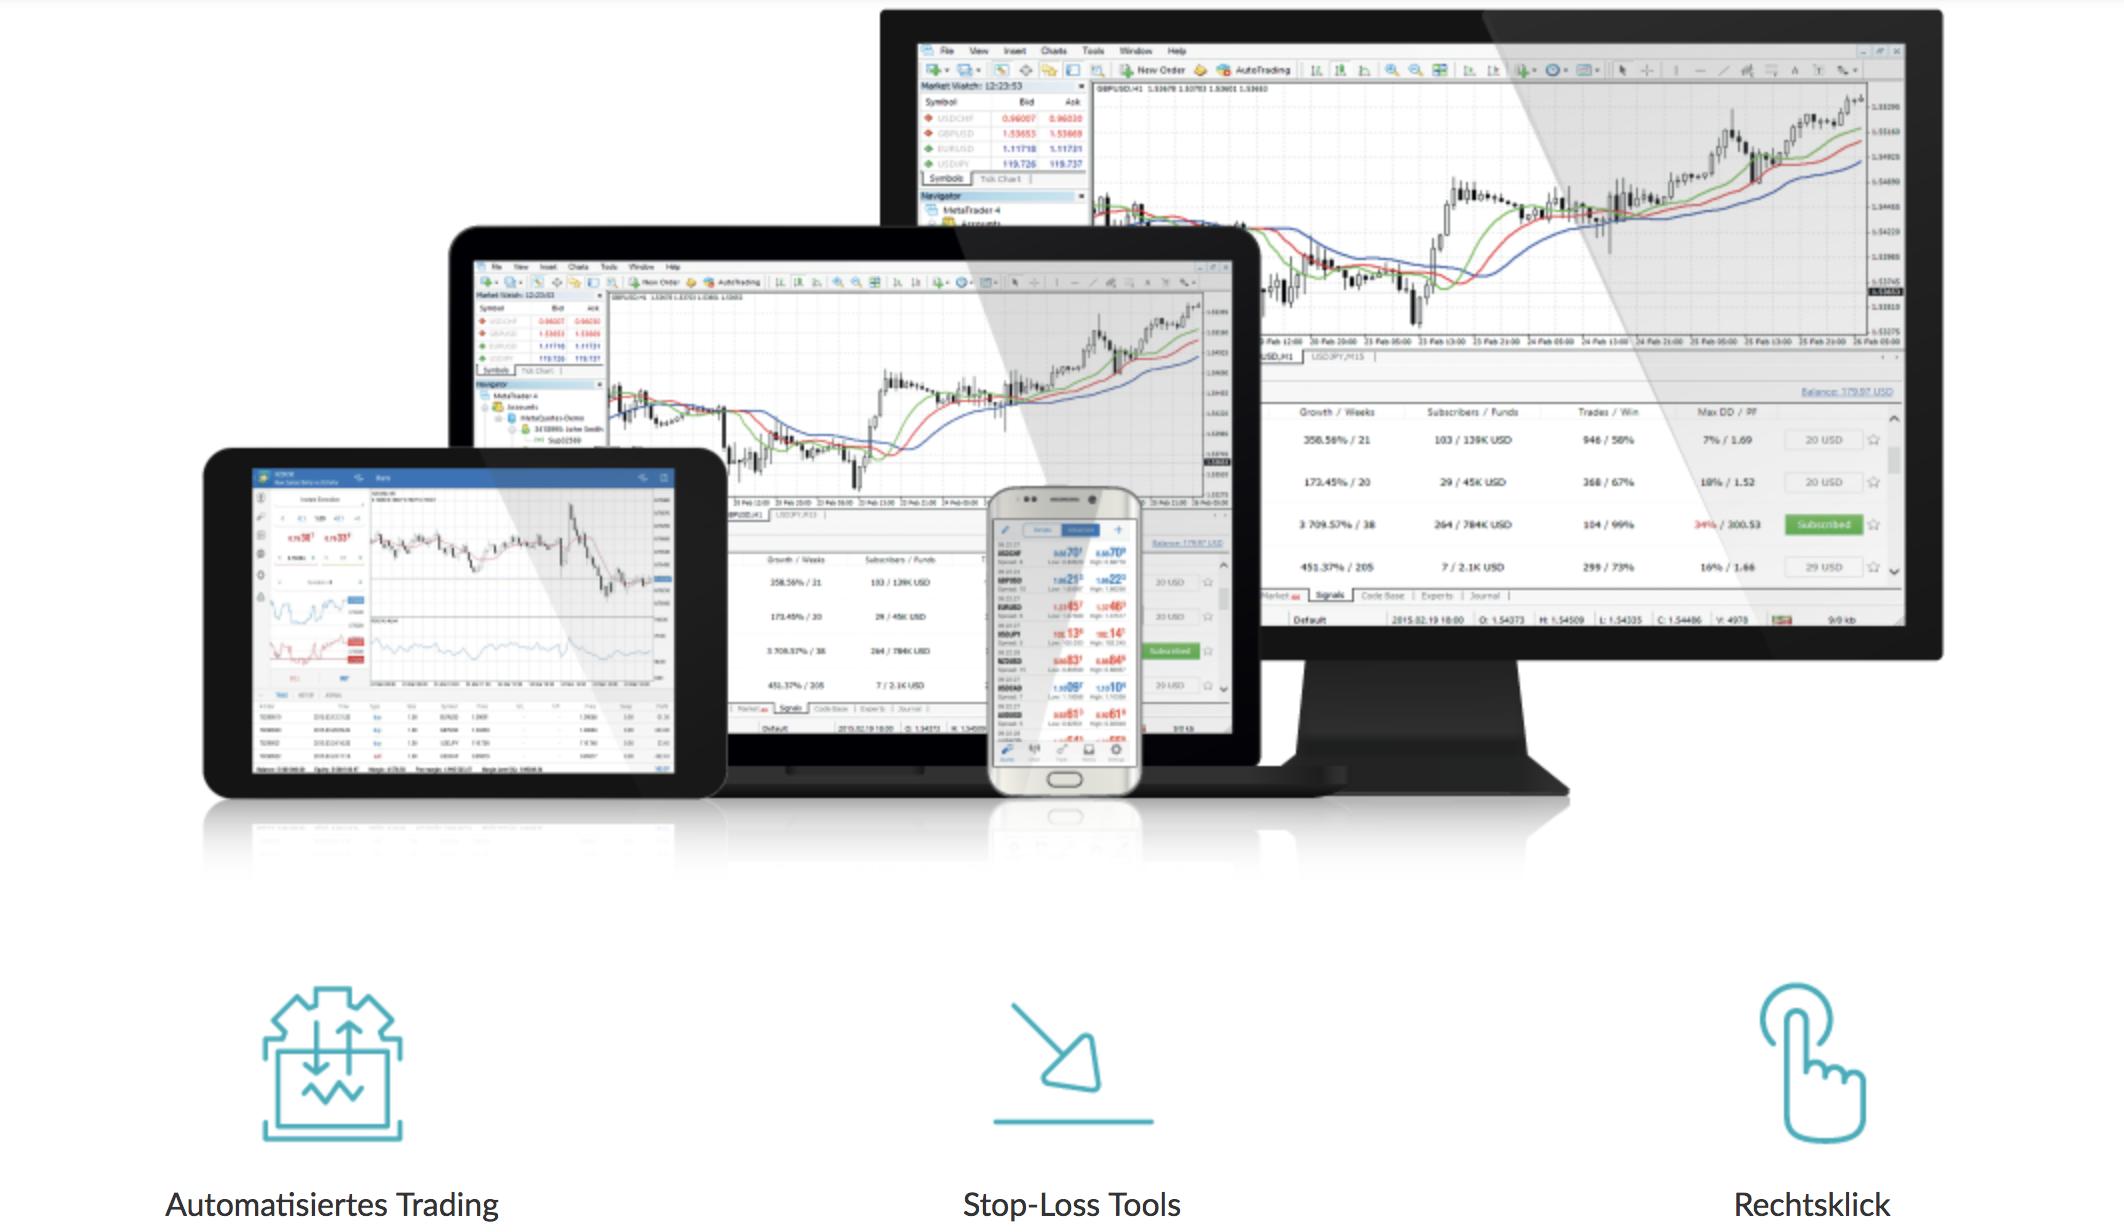 Trader können bei LCG Erfahrungen mit dem MetaTrader 4 sammeln